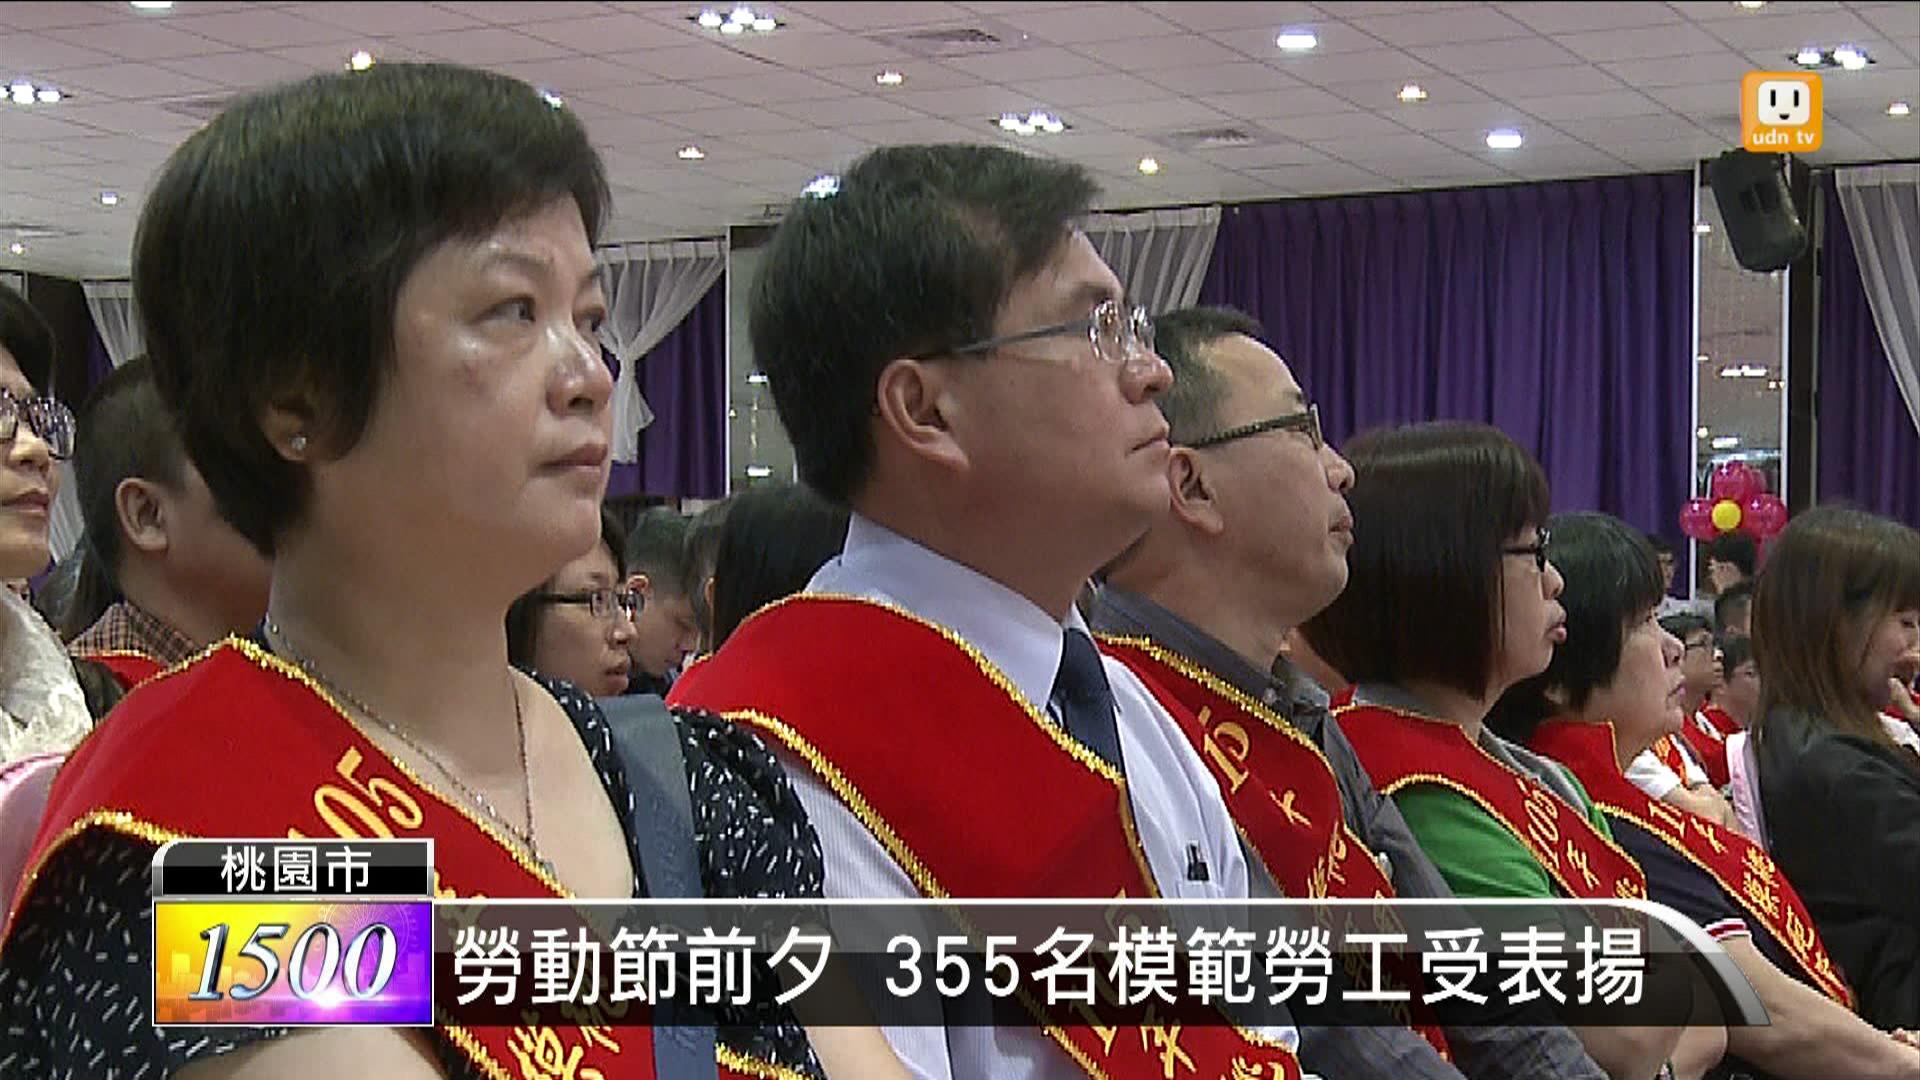 勞動節前夕 355名模範勞工受表揚